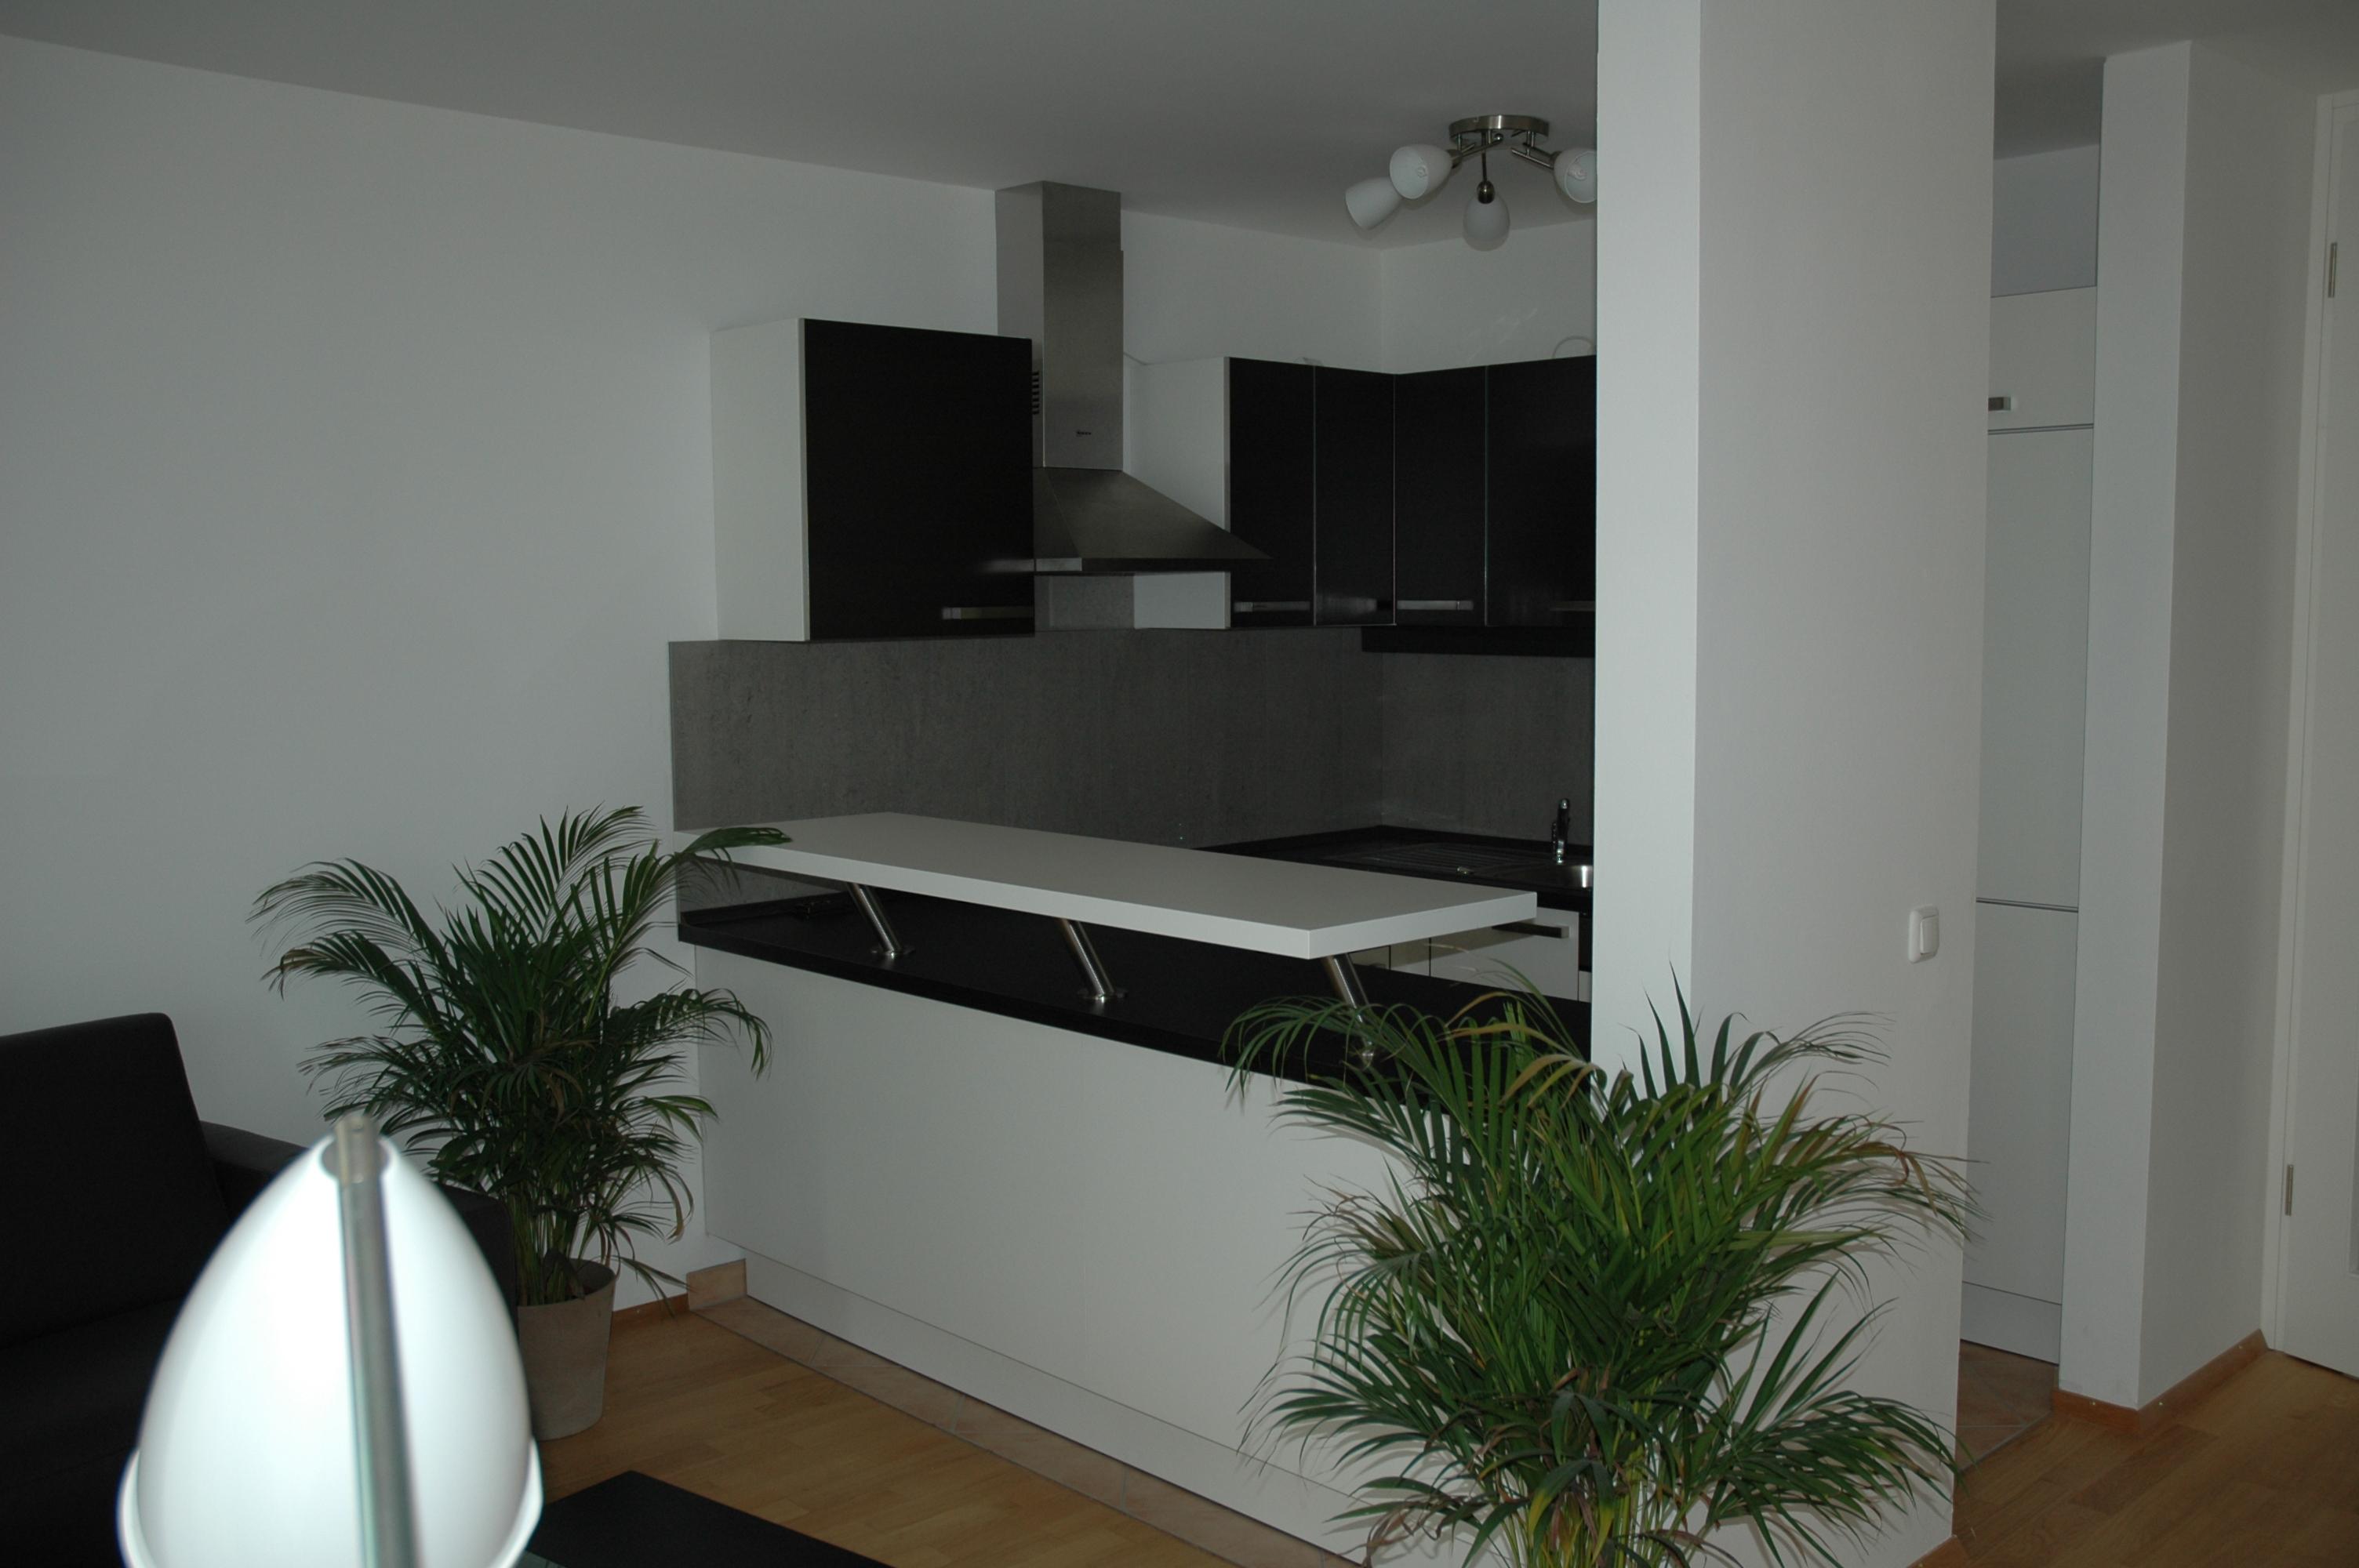 bilder sauerlach. Black Bedroom Furniture Sets. Home Design Ideas